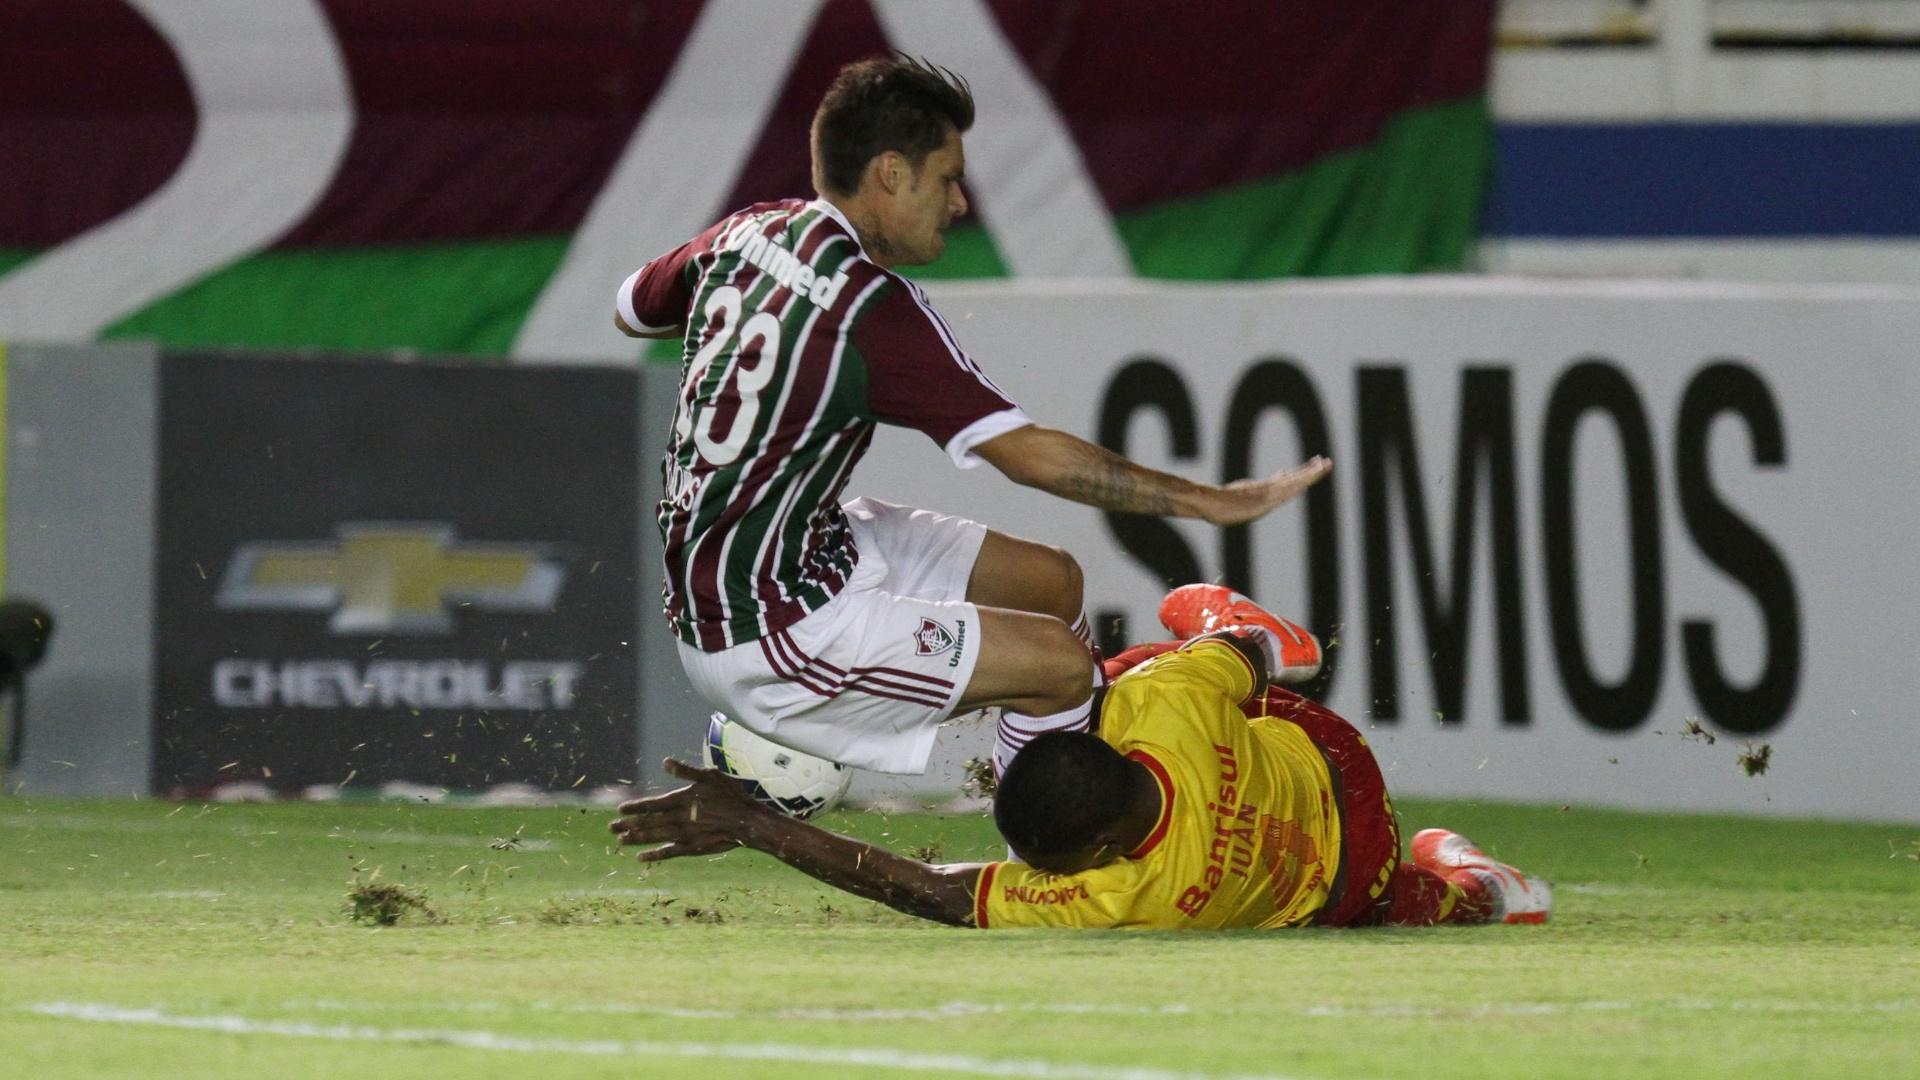 Juan dá carrinho em disputa de bola com Rafael Sóbis